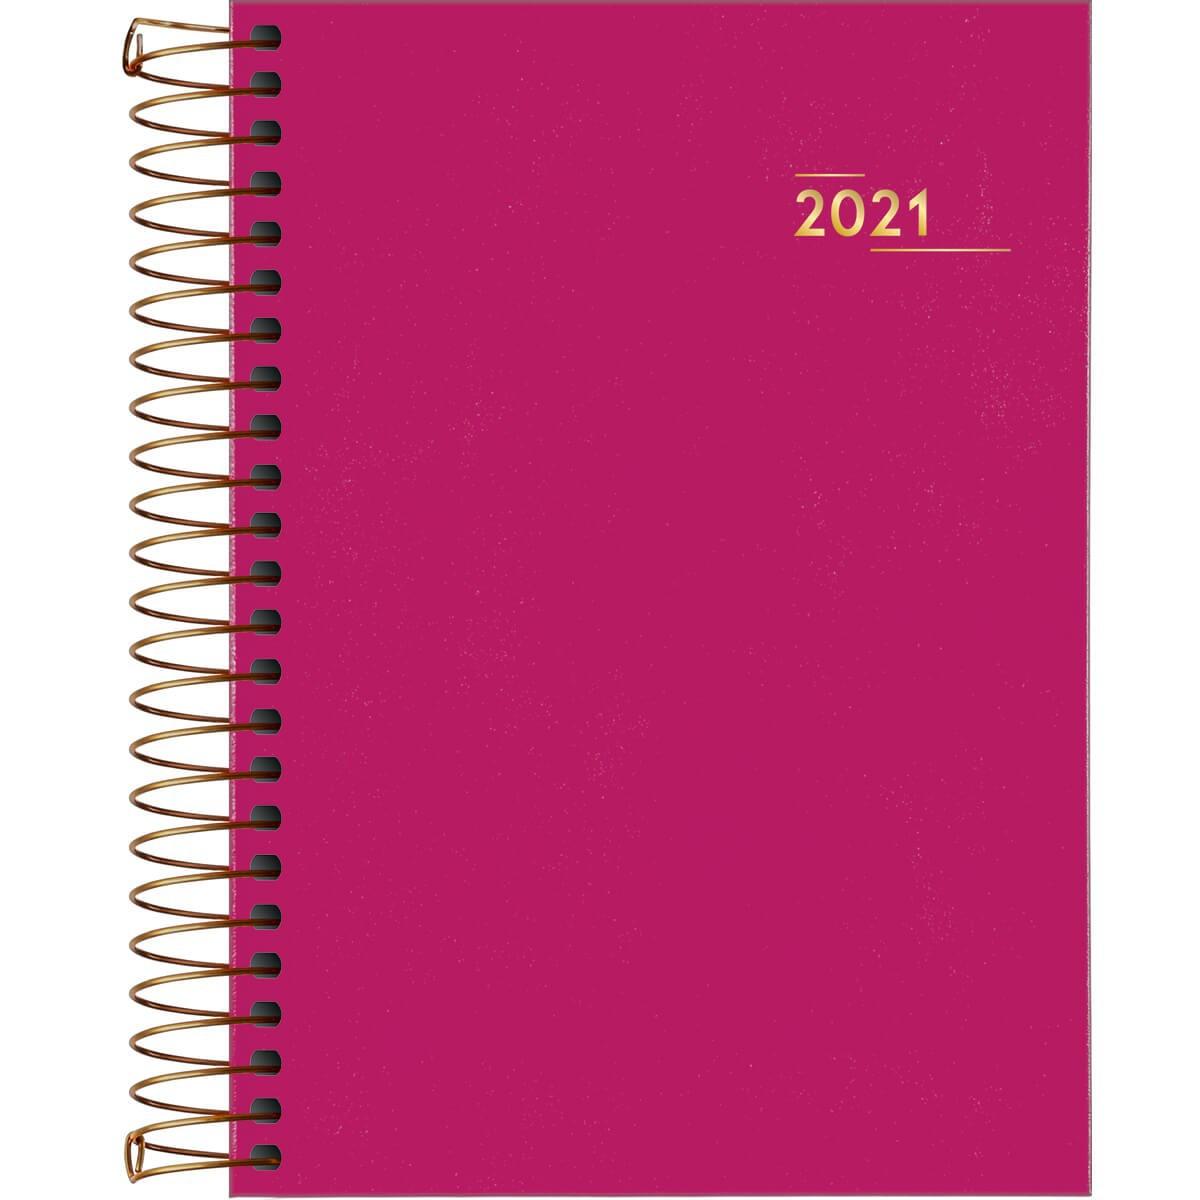 Agenda Tilibra 2021 Executiva Diária Napoli Espiral Rosa 145530 29464